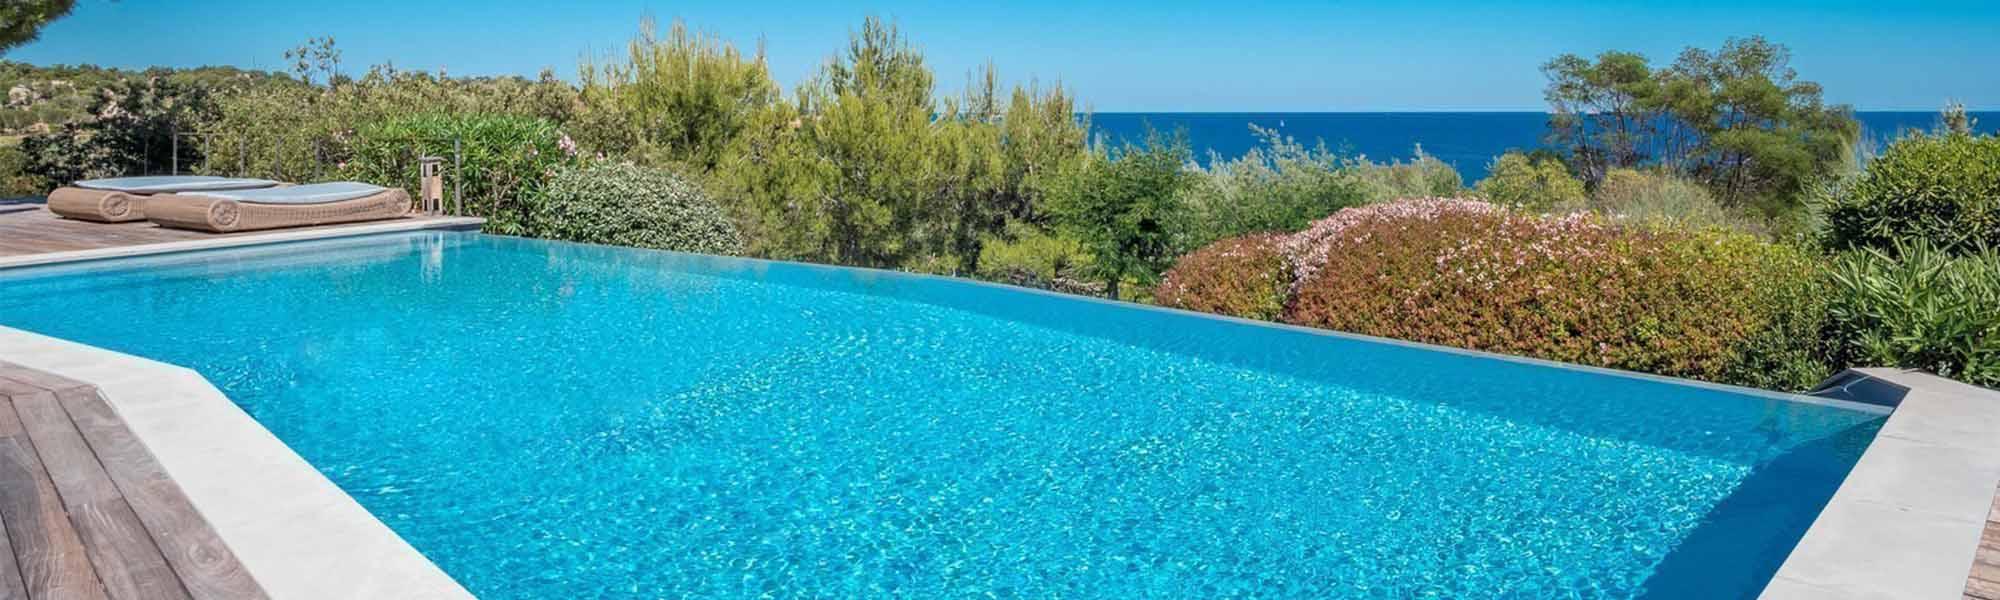 devis piscine : comparez pour économiser - conseil-piscine.fr